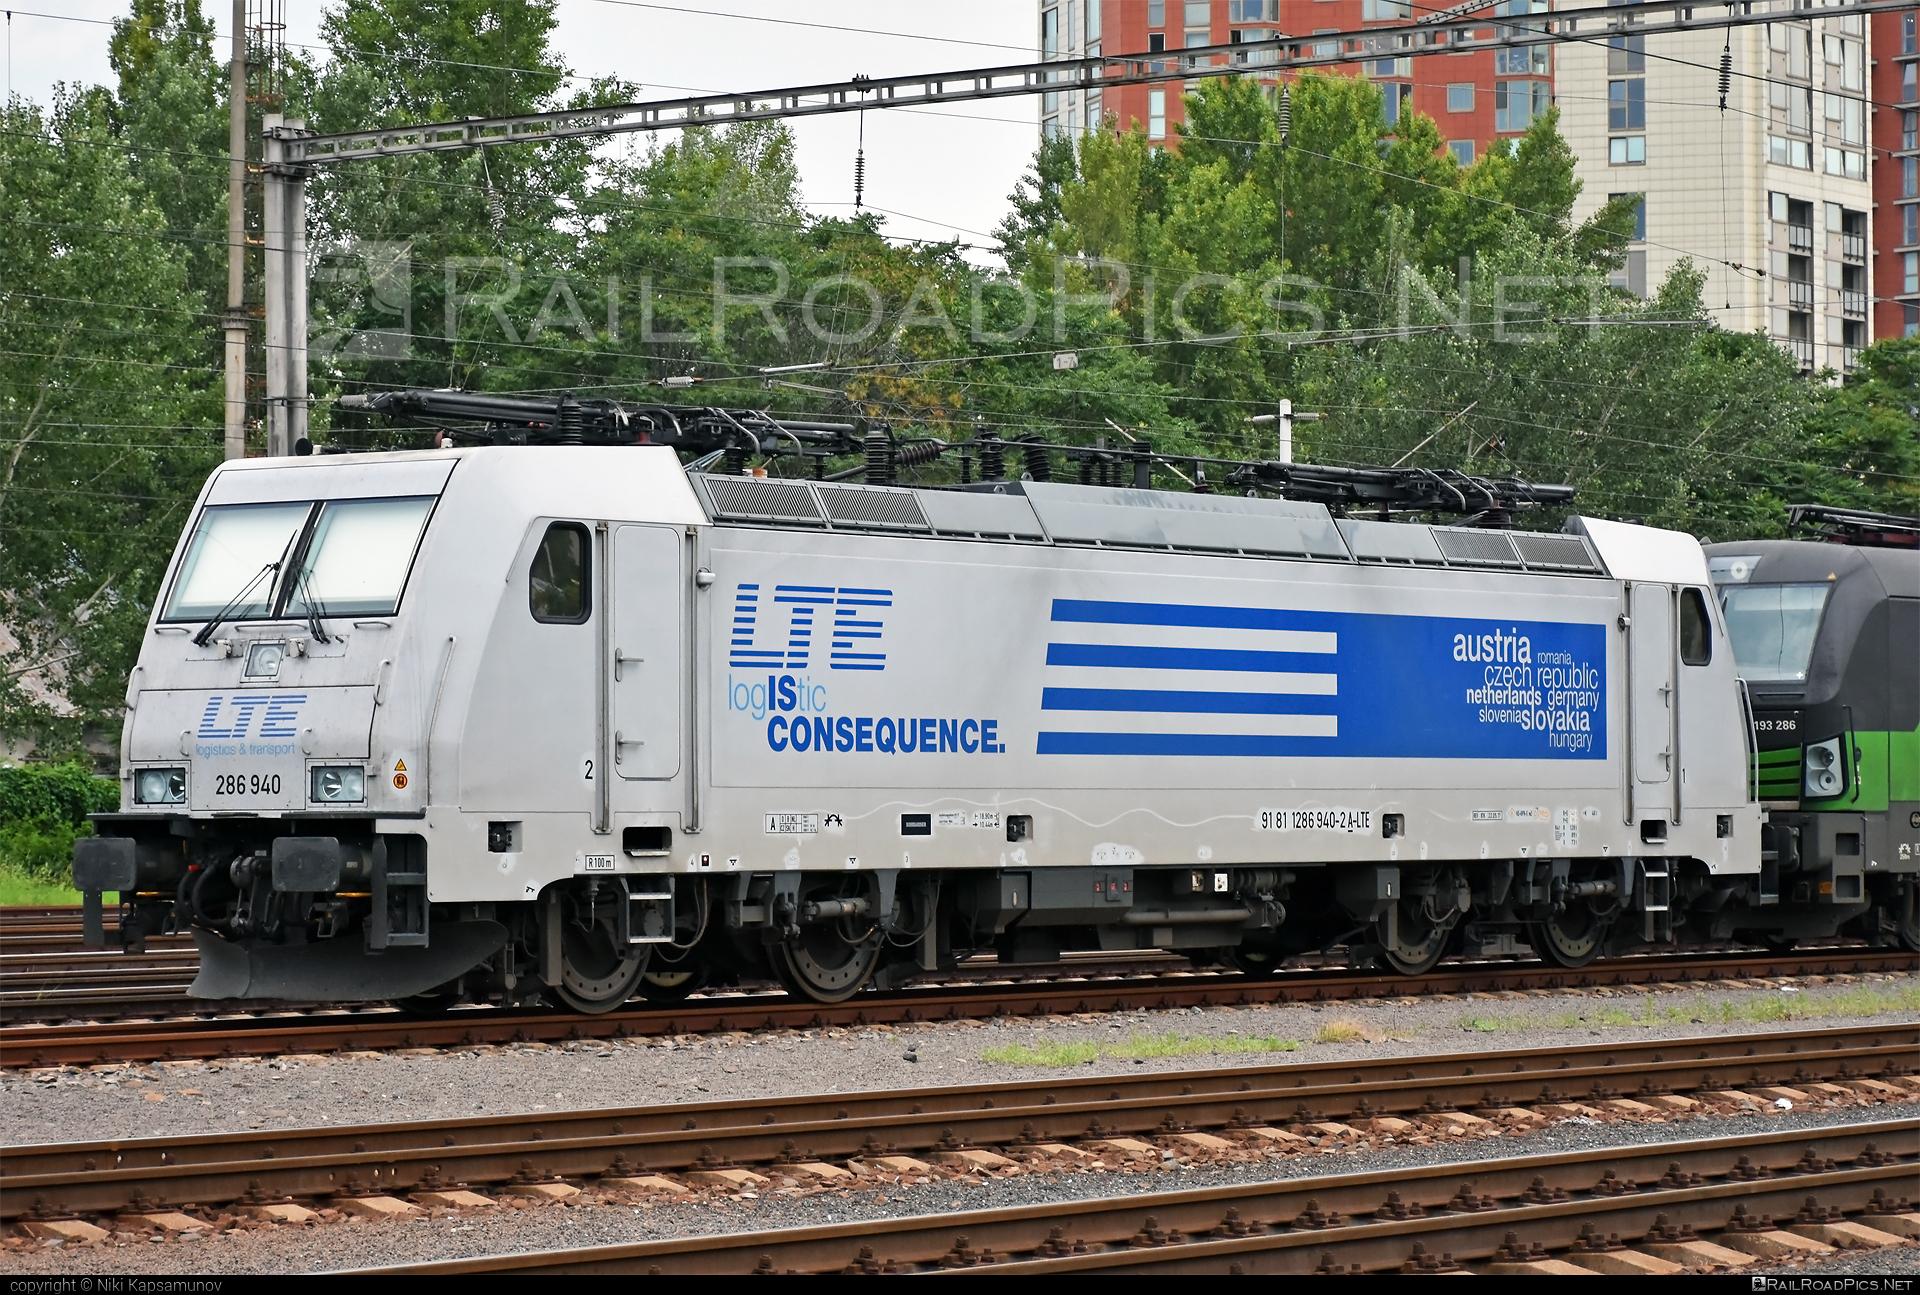 Bombardier TRAXX F140 MS - 286 940 operated by LTE Logistik und Transport GmbH #bombardier #bombardiertraxx #lte #ltelogistikundtransport #ltelogistikundtransportgmbh #rhenus #traxx #traxxf140 #traxxf140ms